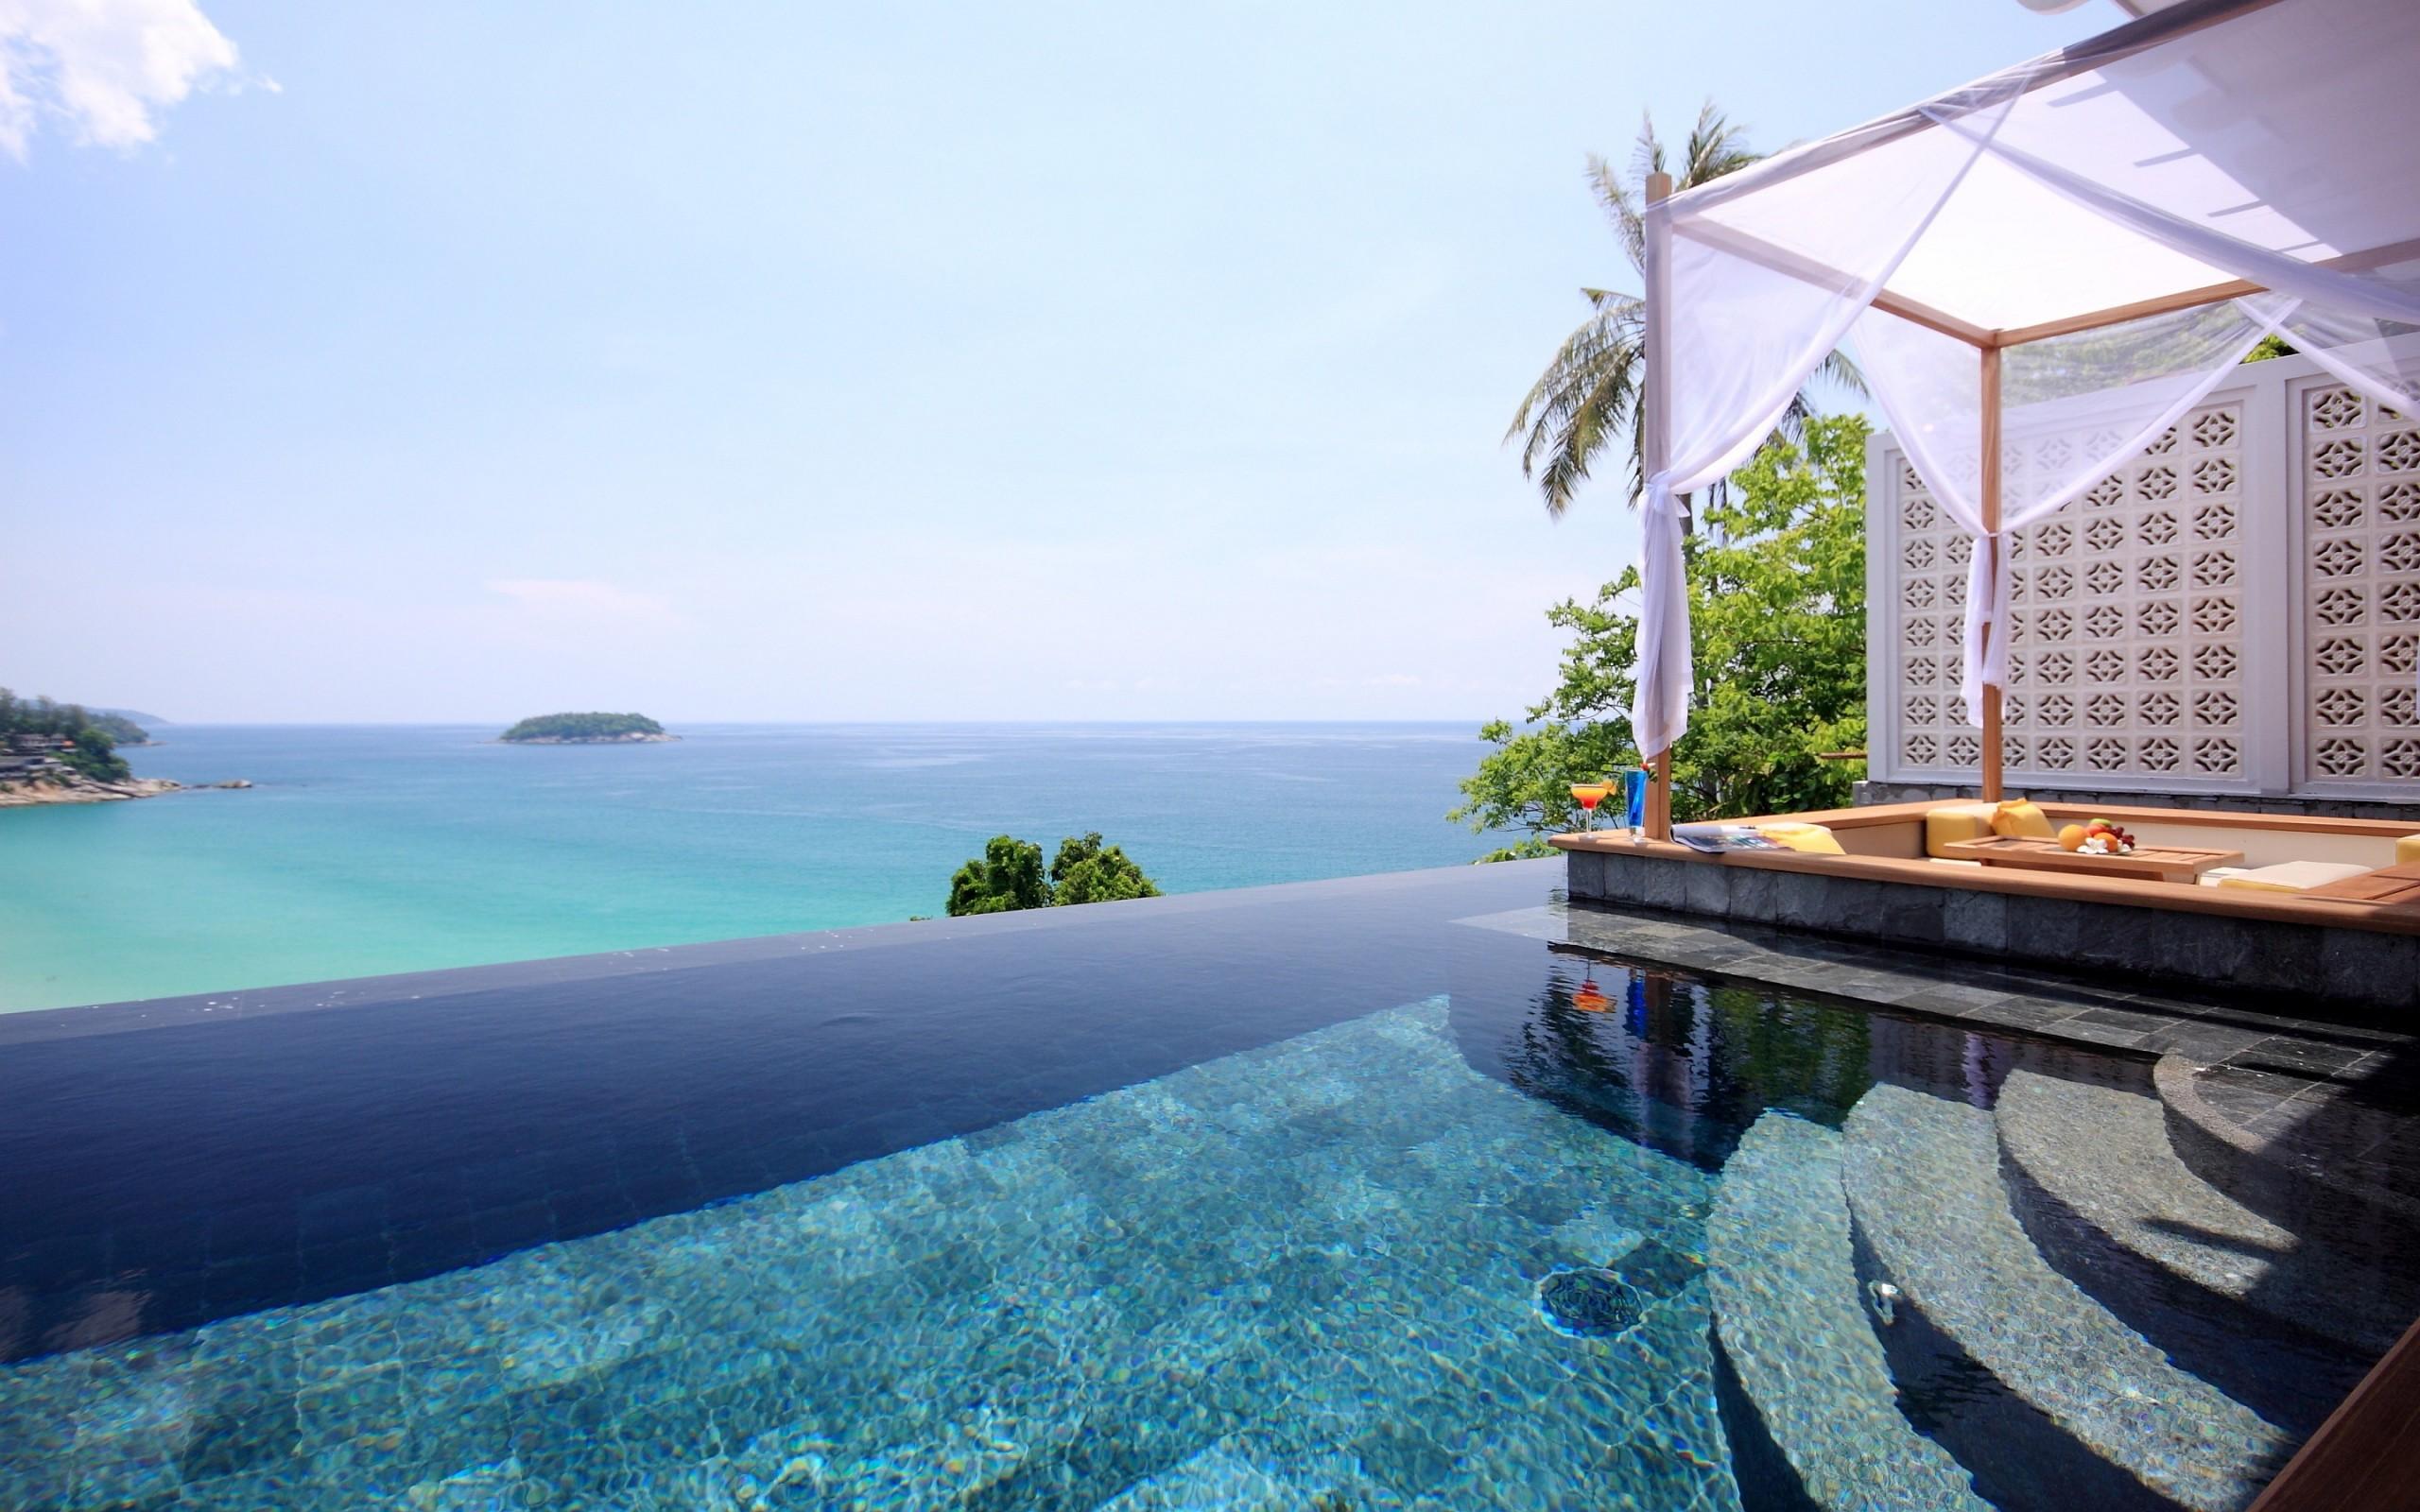 Beach Resort Thailand 16918 Wallpaper Wallpaper hd 2560x1600